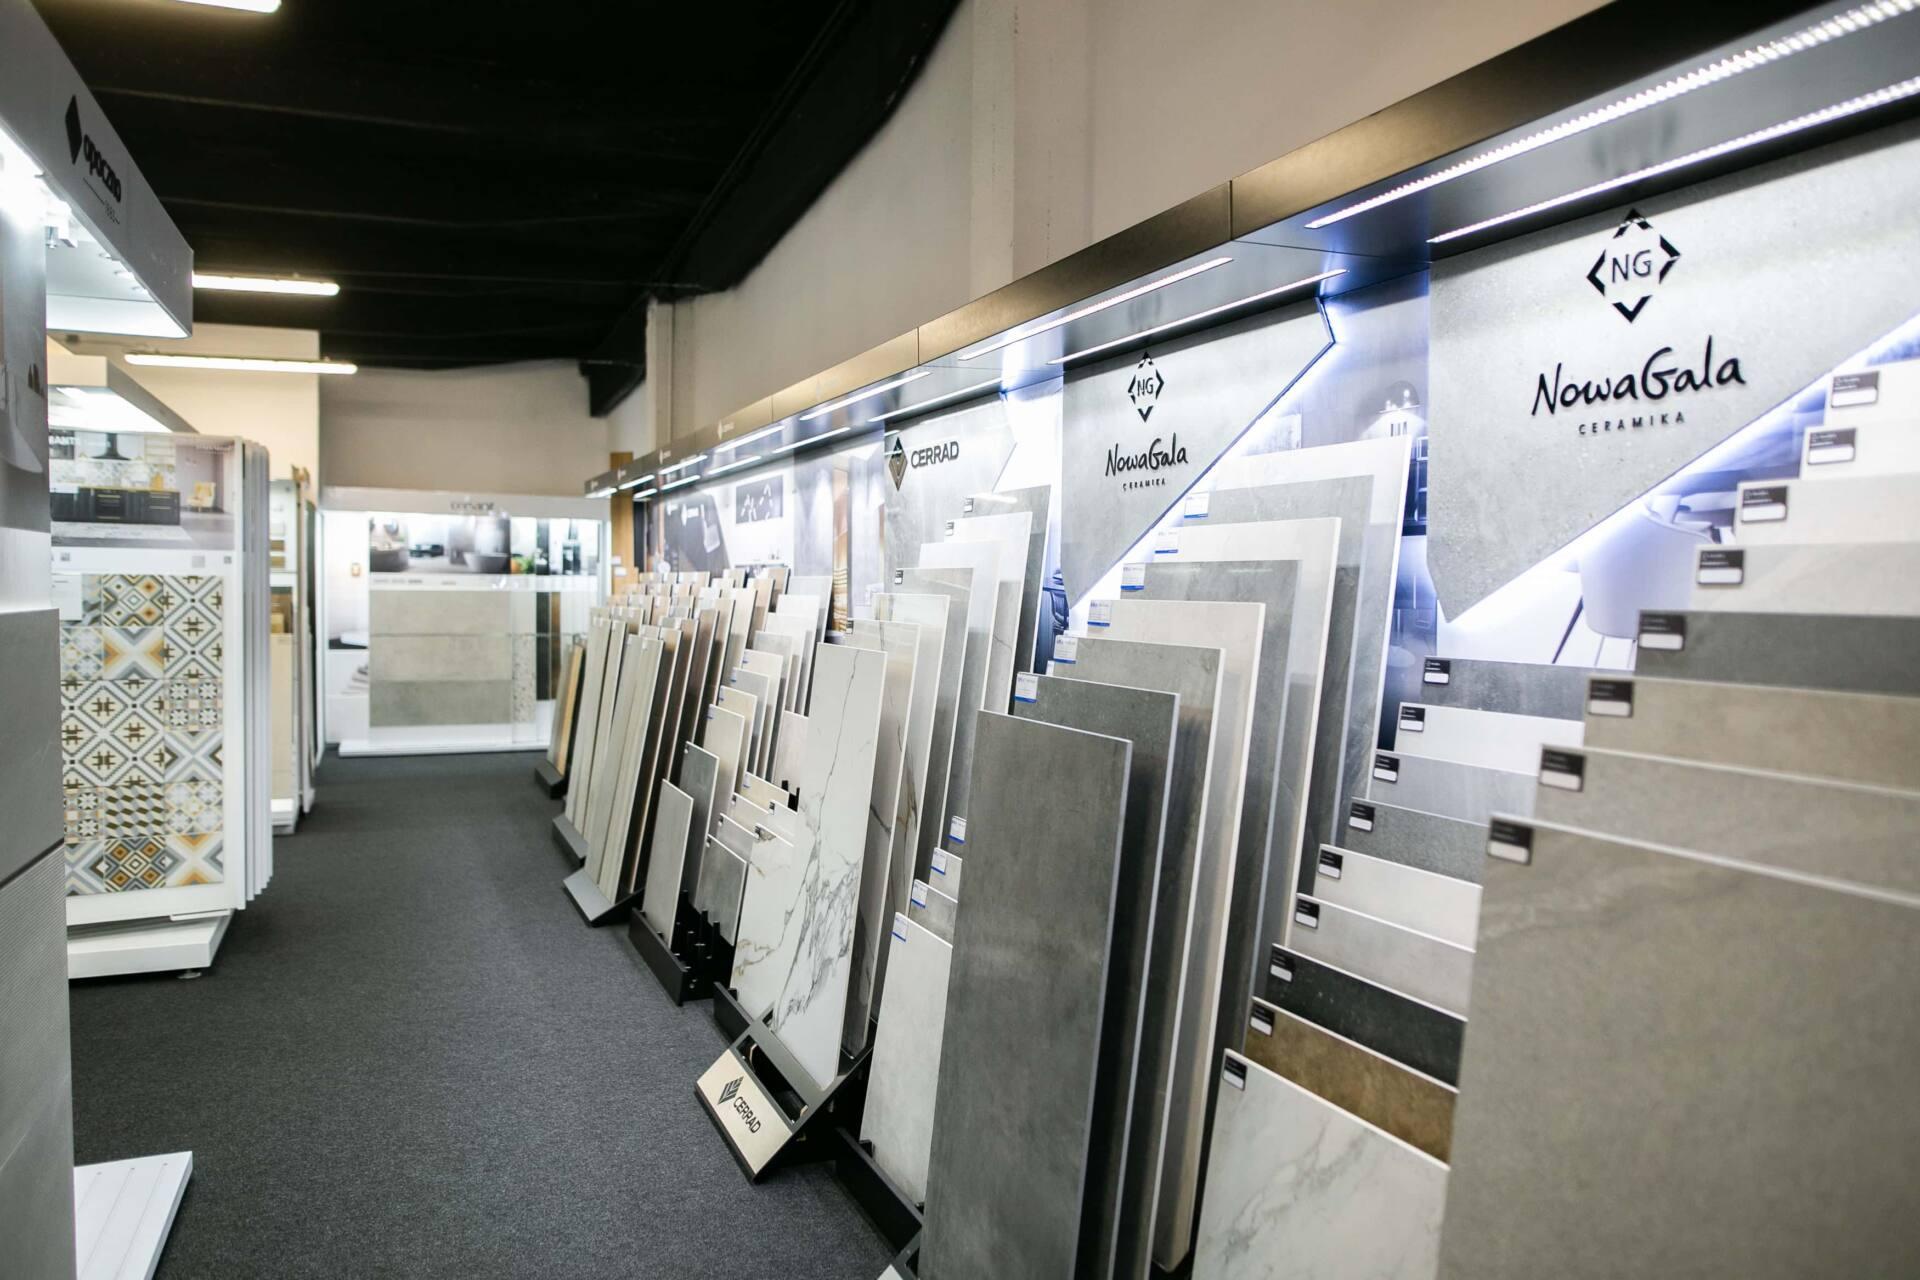 5db 5592 Salon BLU: na ponad 500 m2., 36 łazienkowych aranżacji i bogata ekspozycja wyposażenia (zdjęcia)